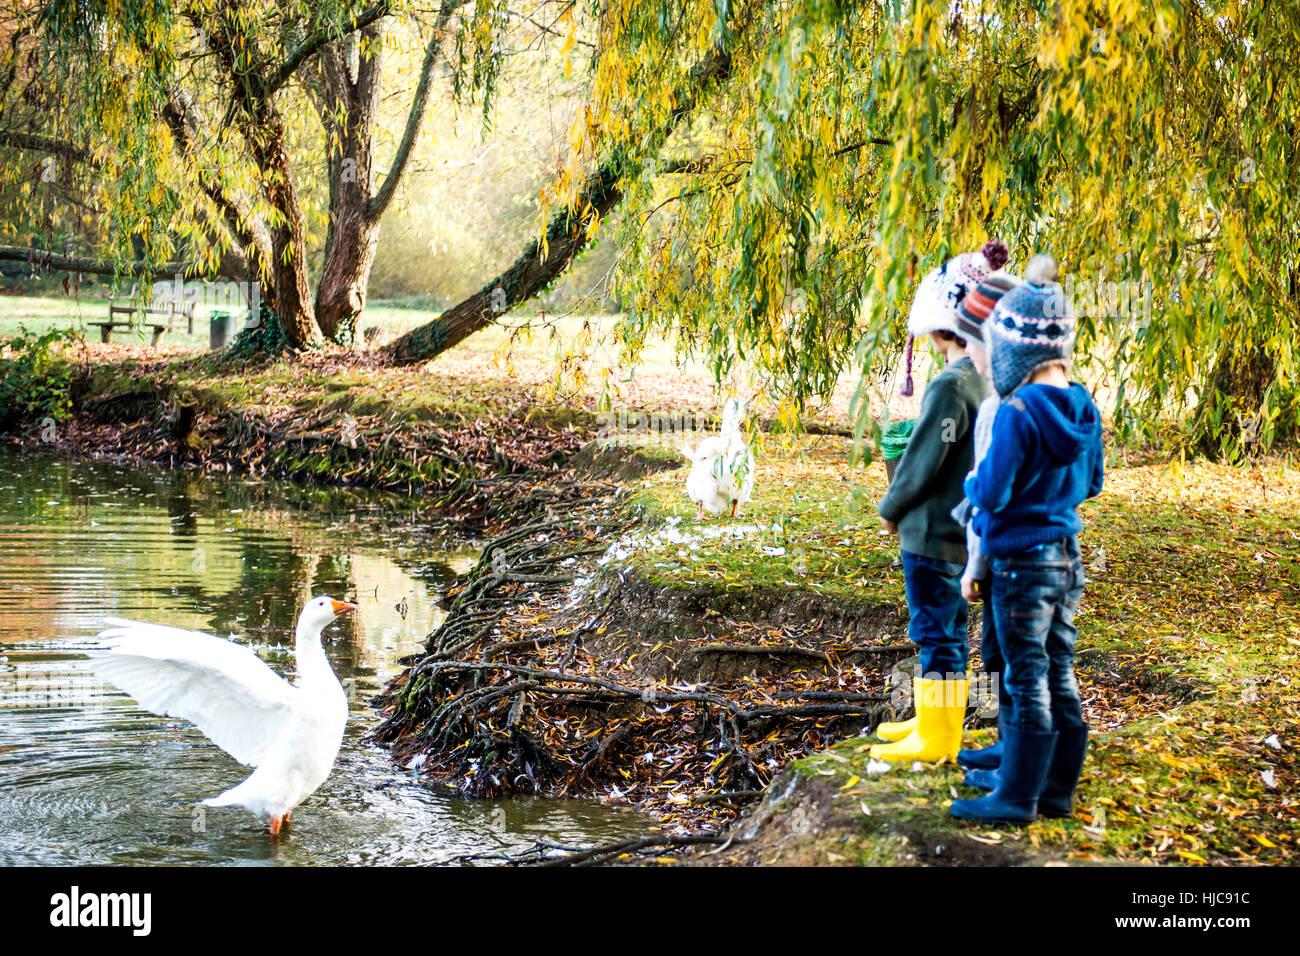 Trois jeunes garçons, debout au bord du lac, regardant dans l'eau d'oie Photo Stock